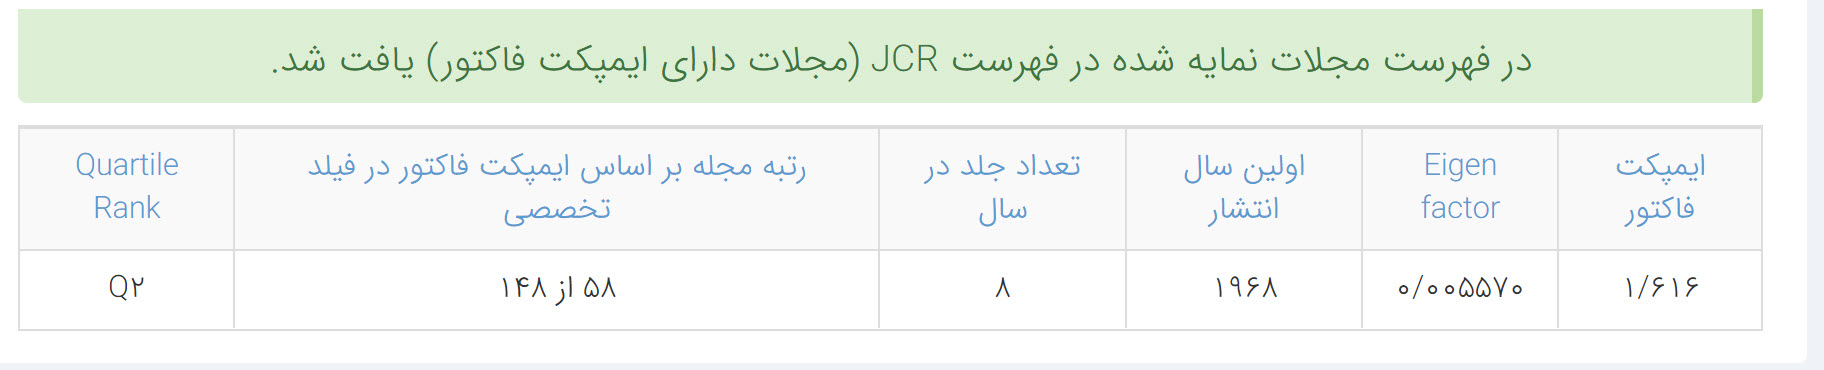 بررسی در سیستم JCR